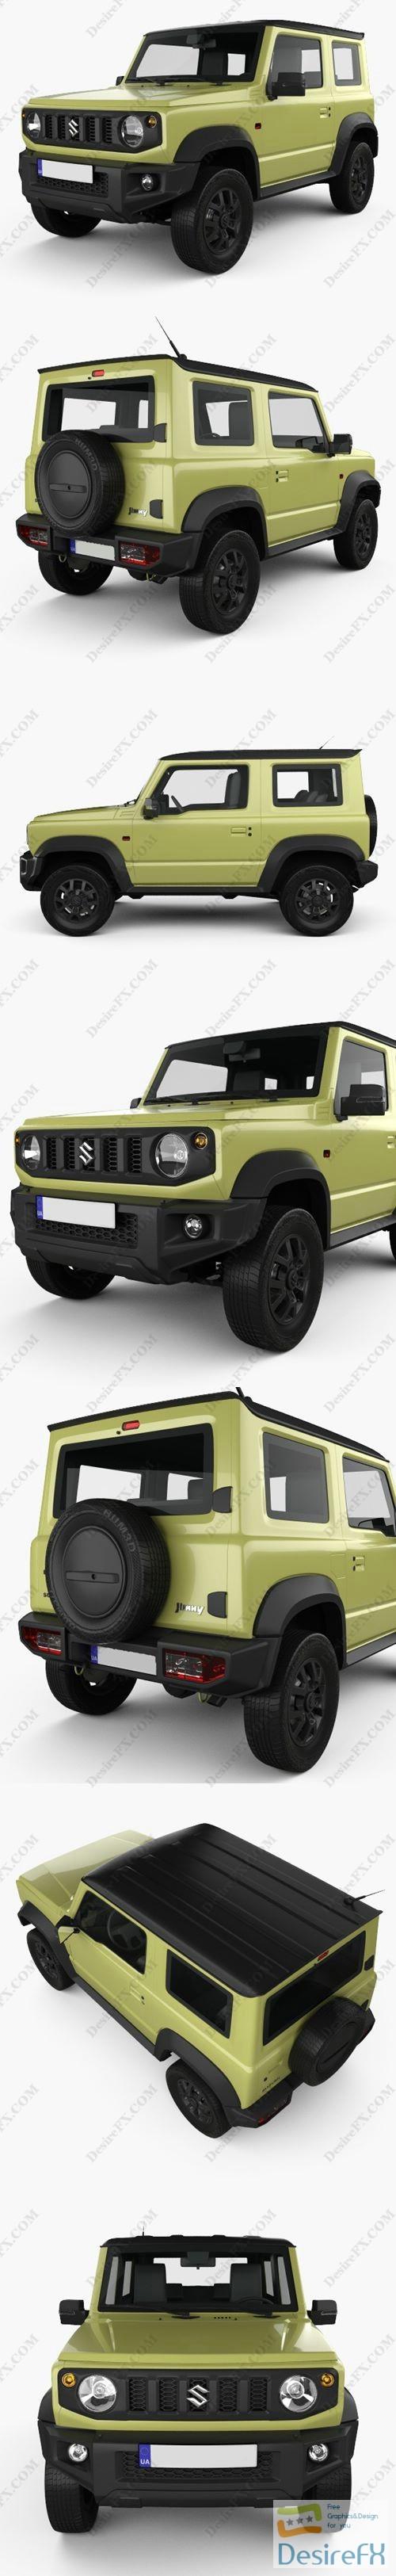 3d-models - Suzuki Jimny Sierra 2019 3D Model